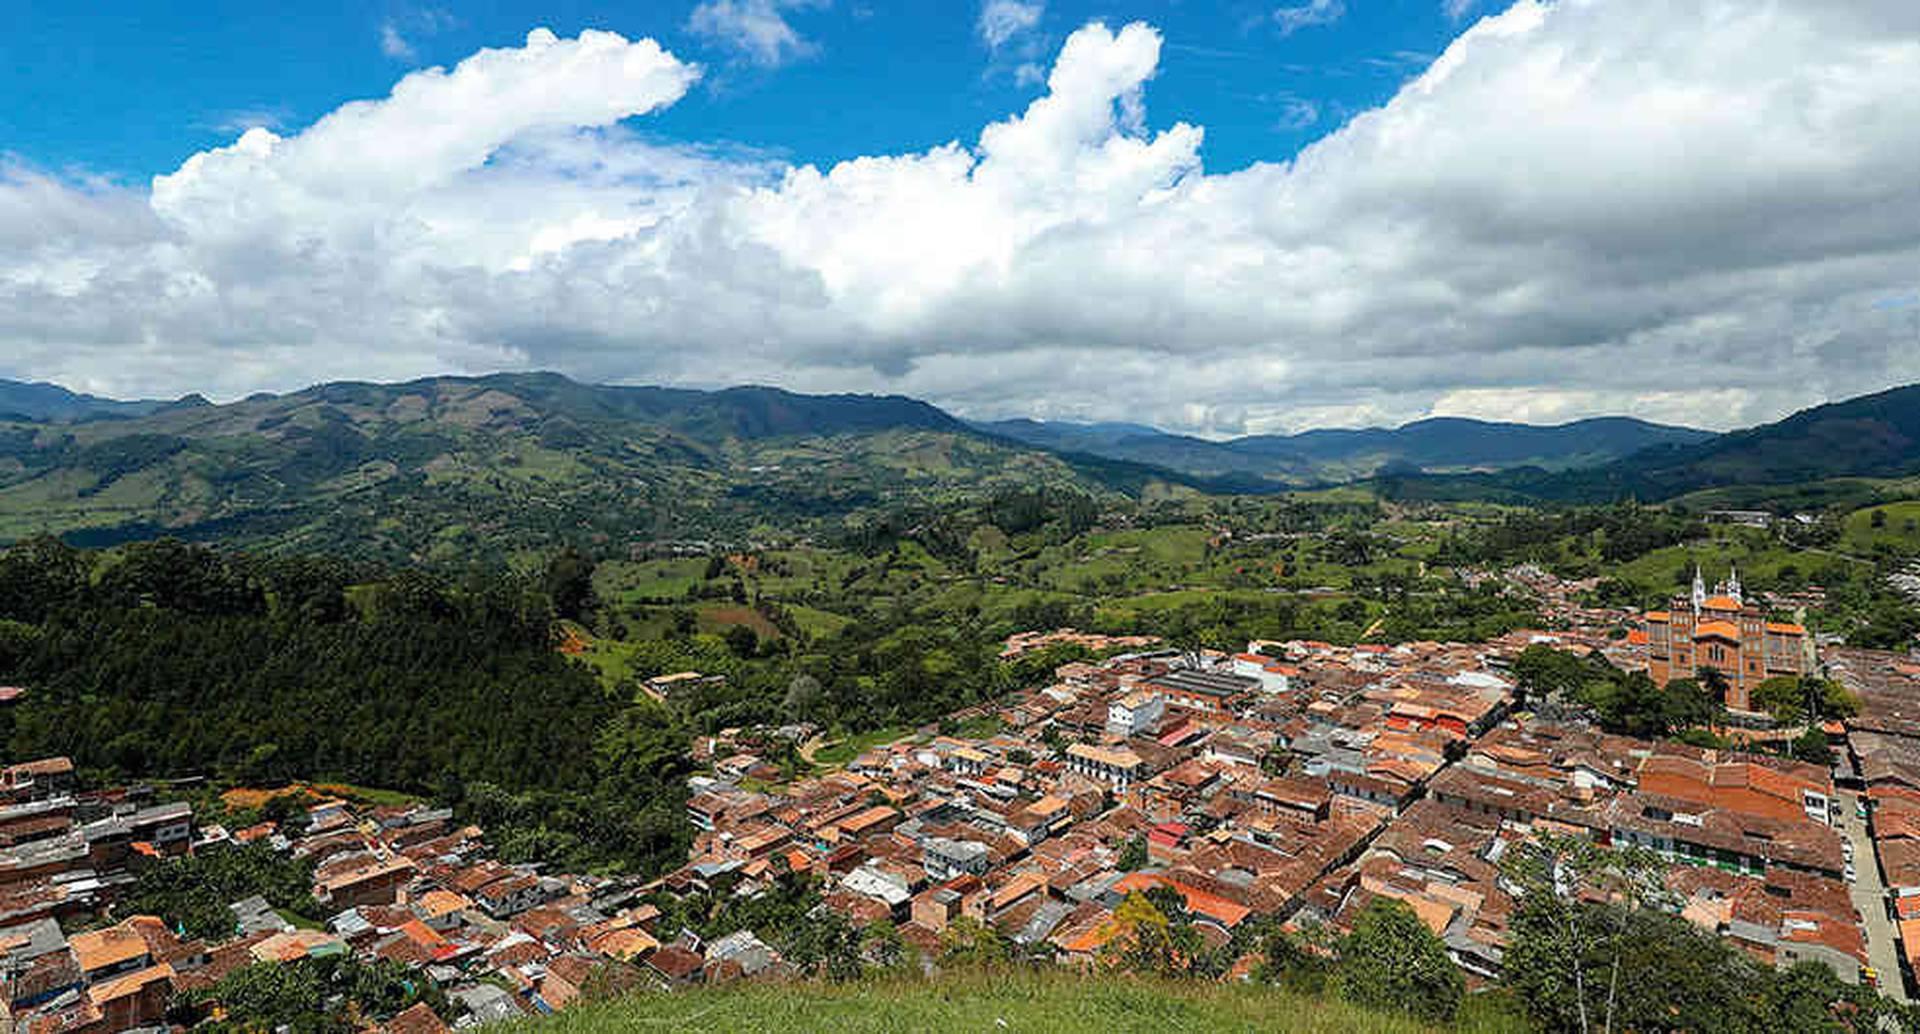 En Jericó, suroeste antioqueño, AngloGold piensa construir la mina de cobre subterránea más grande de Colombia.